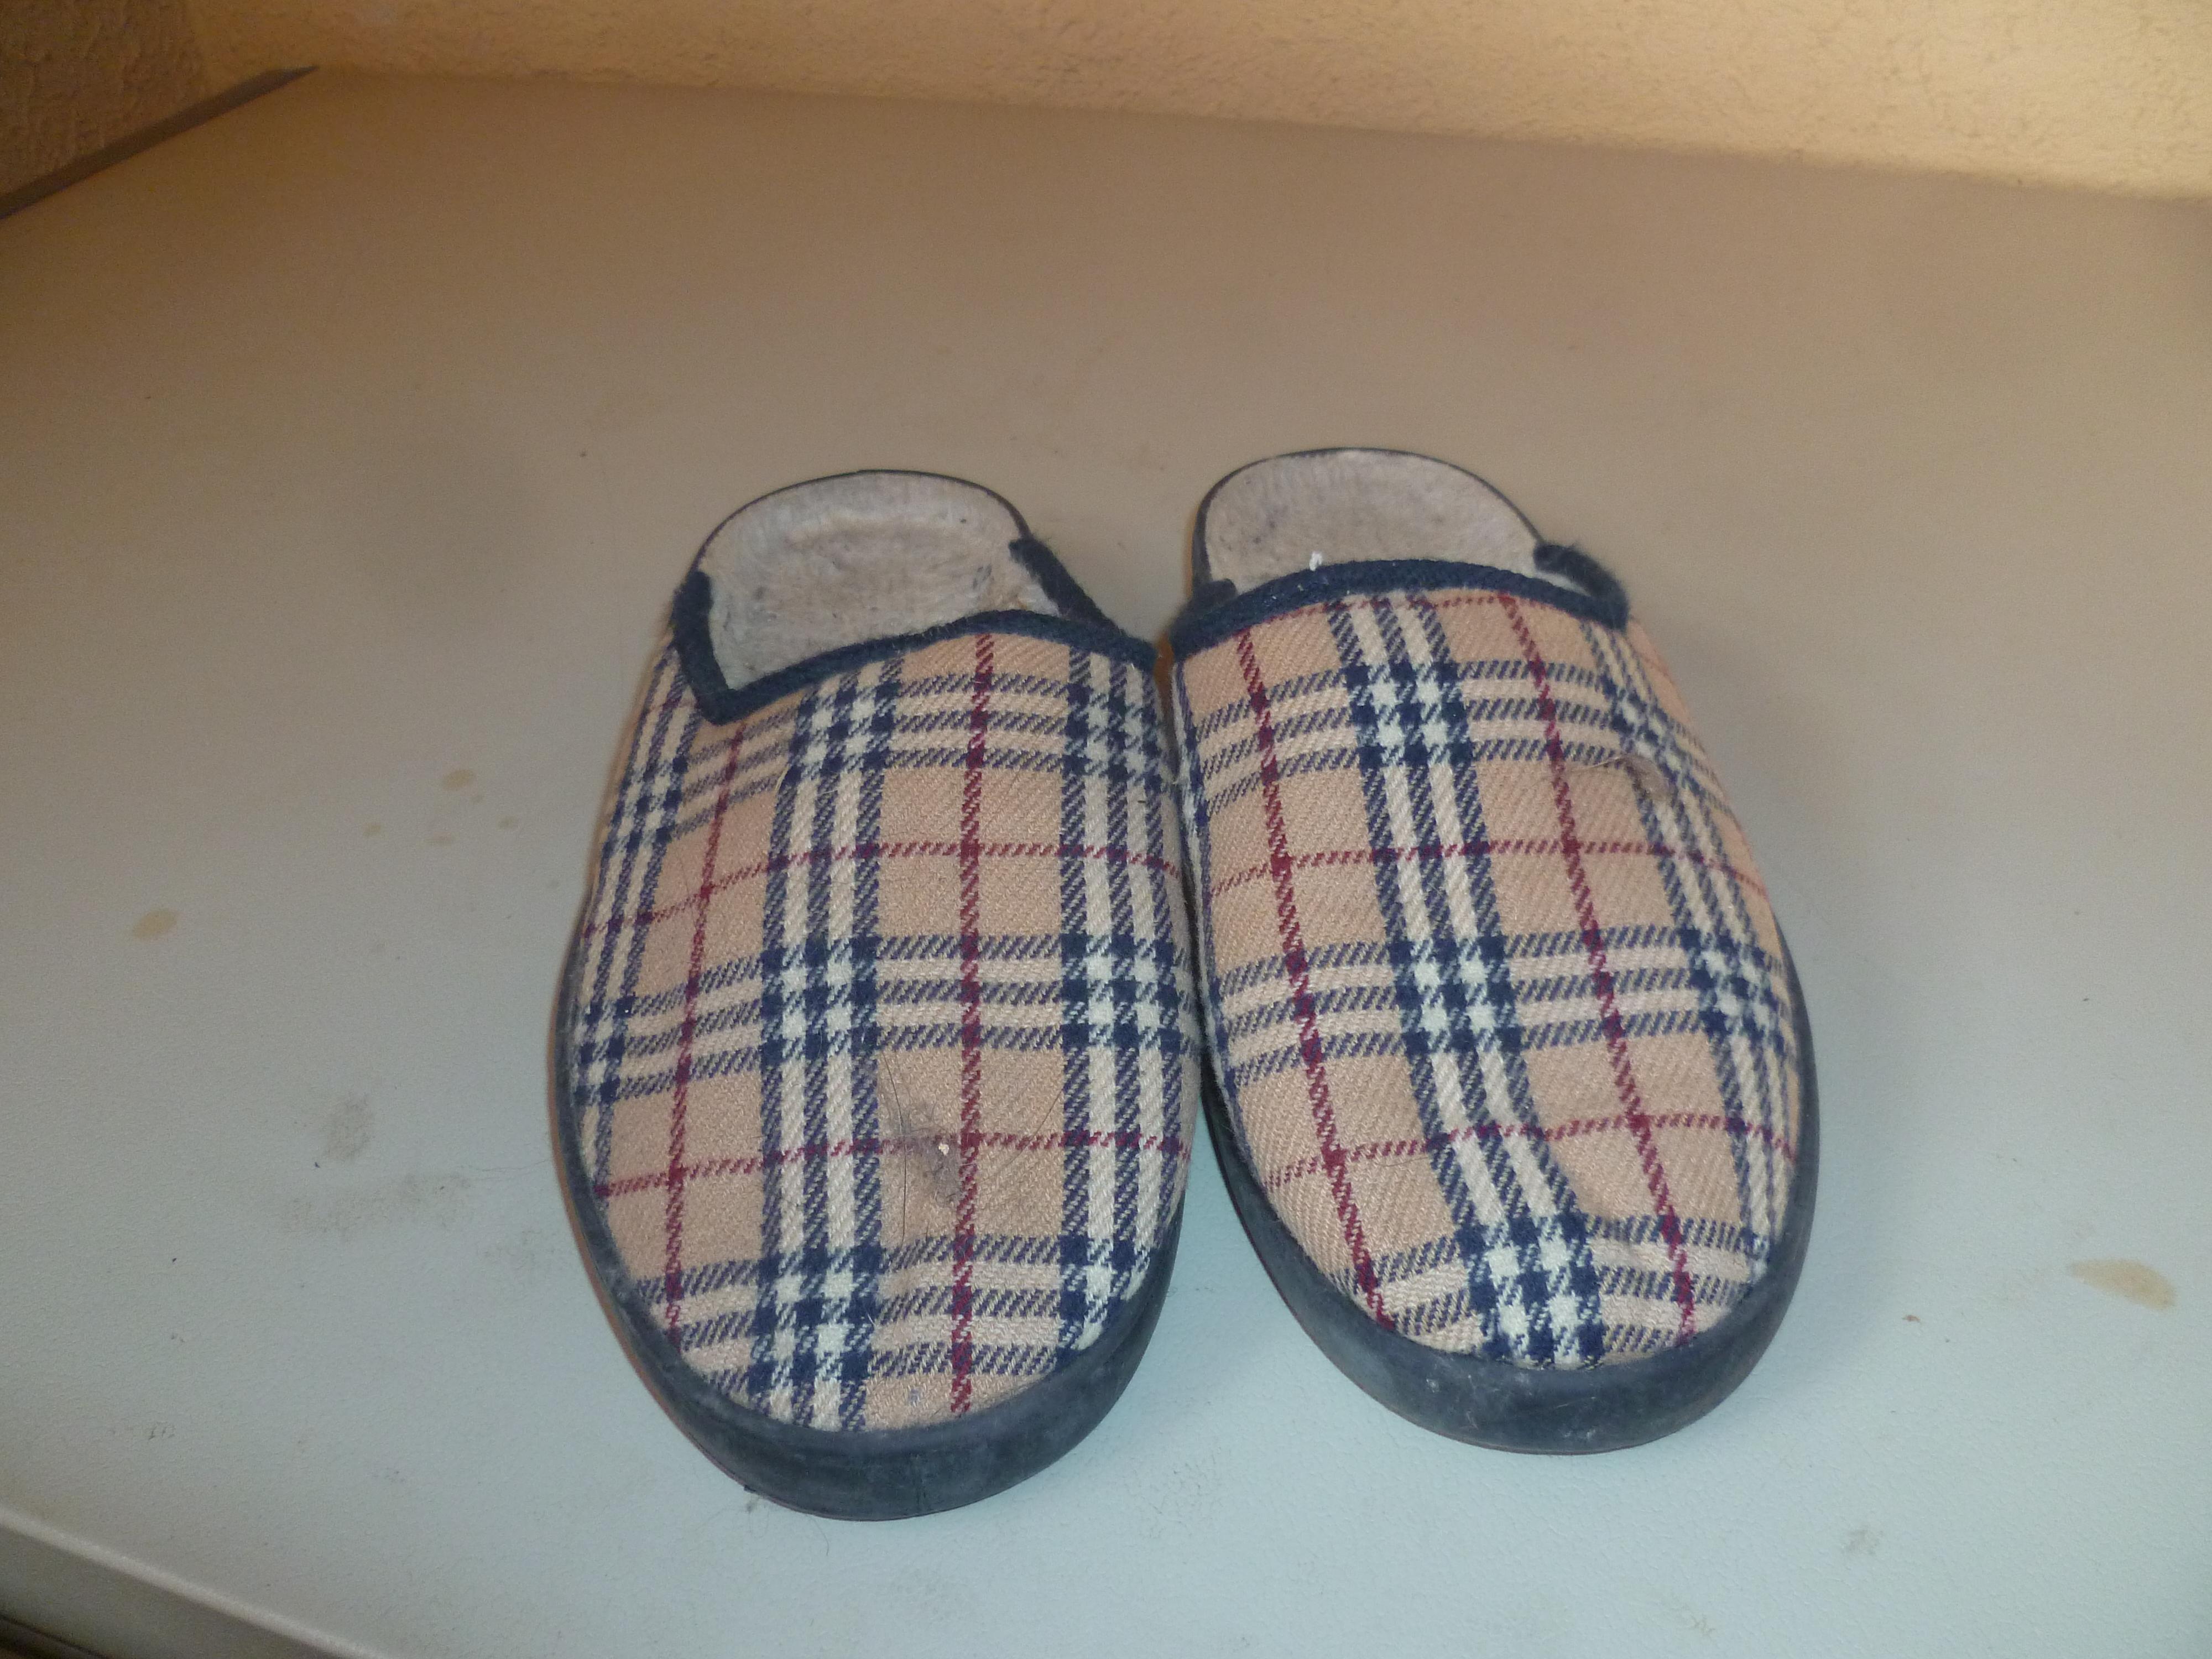 troc de troc reserve - chaussons image 0